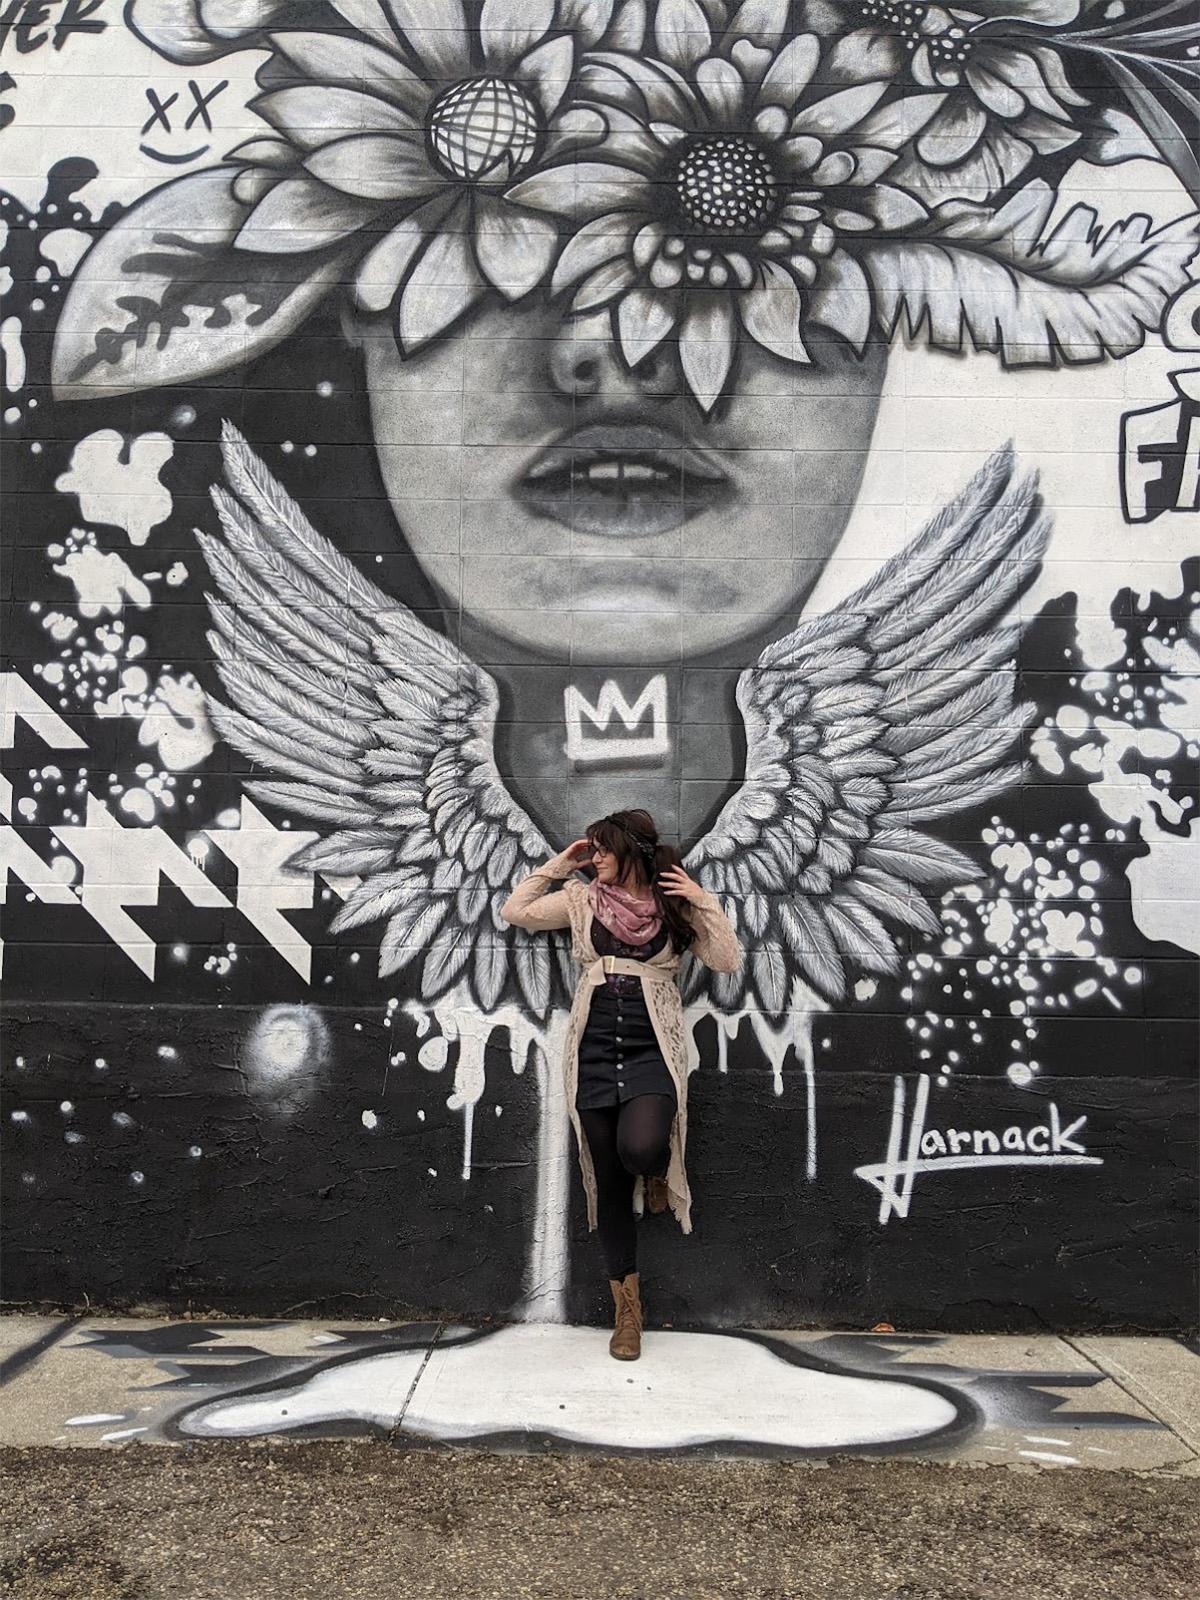 Instagrammable Walls of Edmonton - Explore Edmonton - Murals - Walls - South Edmonton - EMMYDEVEAUX Josh Harnack